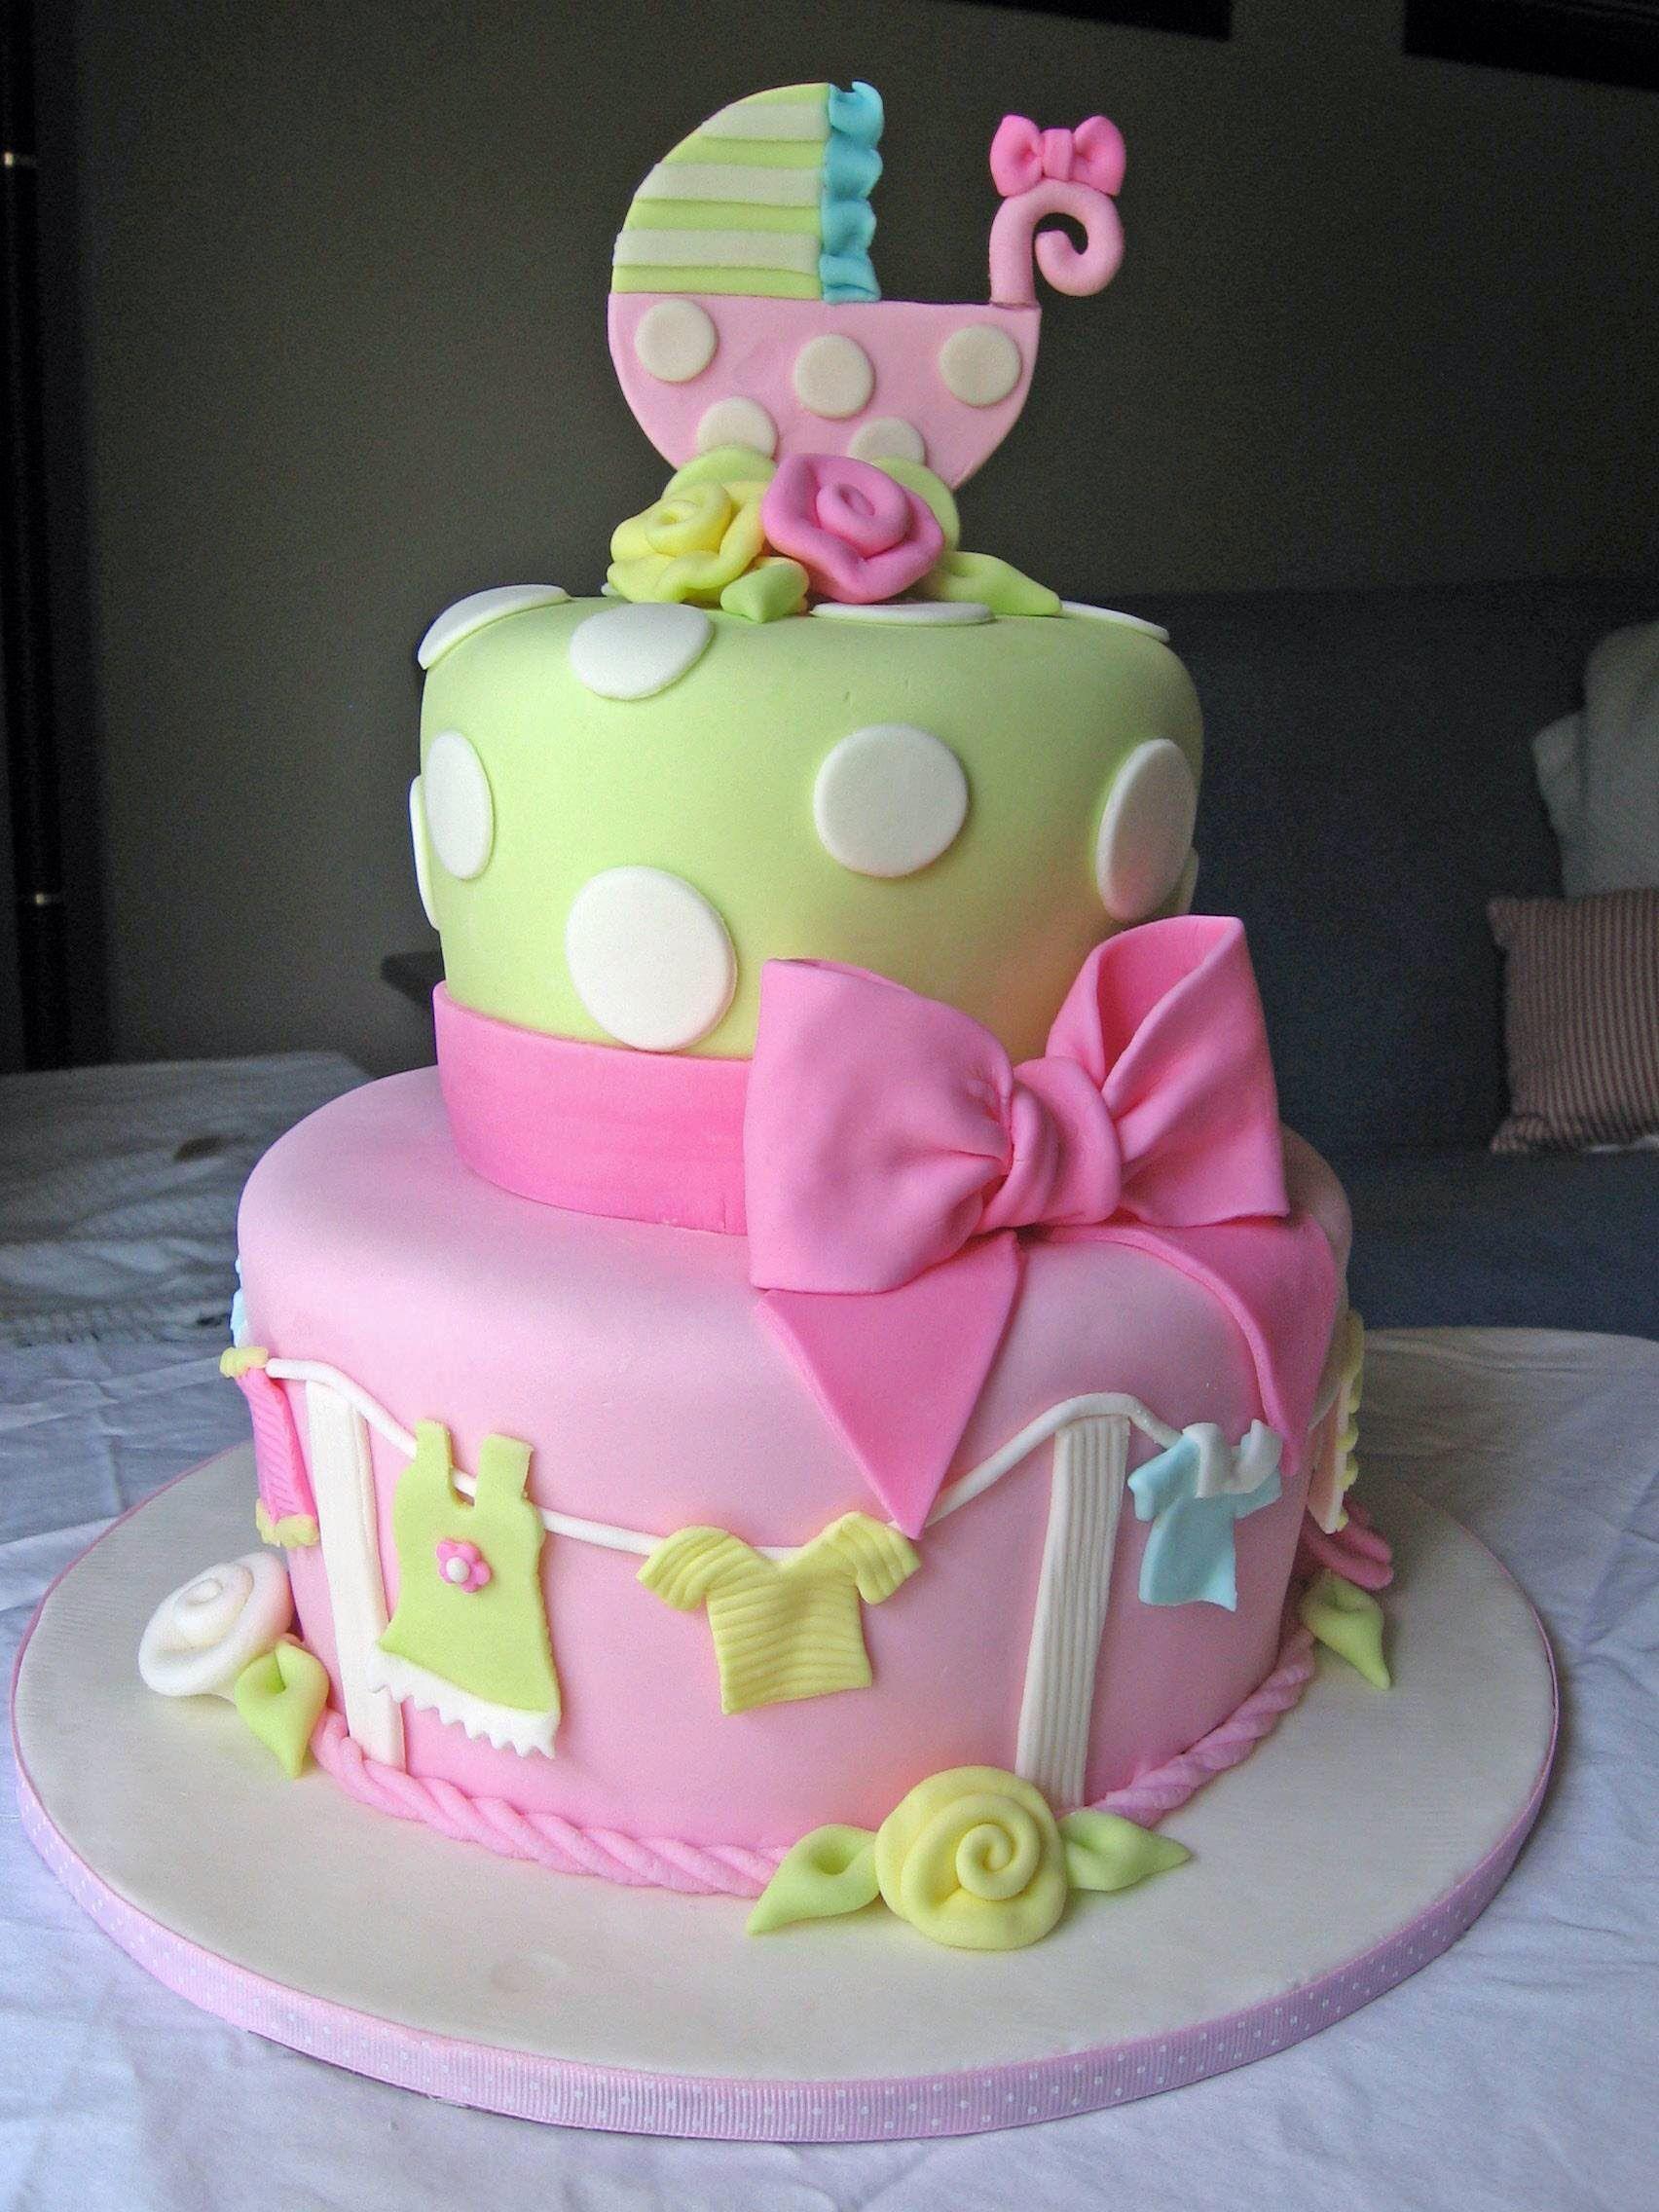 Cake Images For Baby Girl : Cute baby girl shower cake Baby Stuff Pinterest